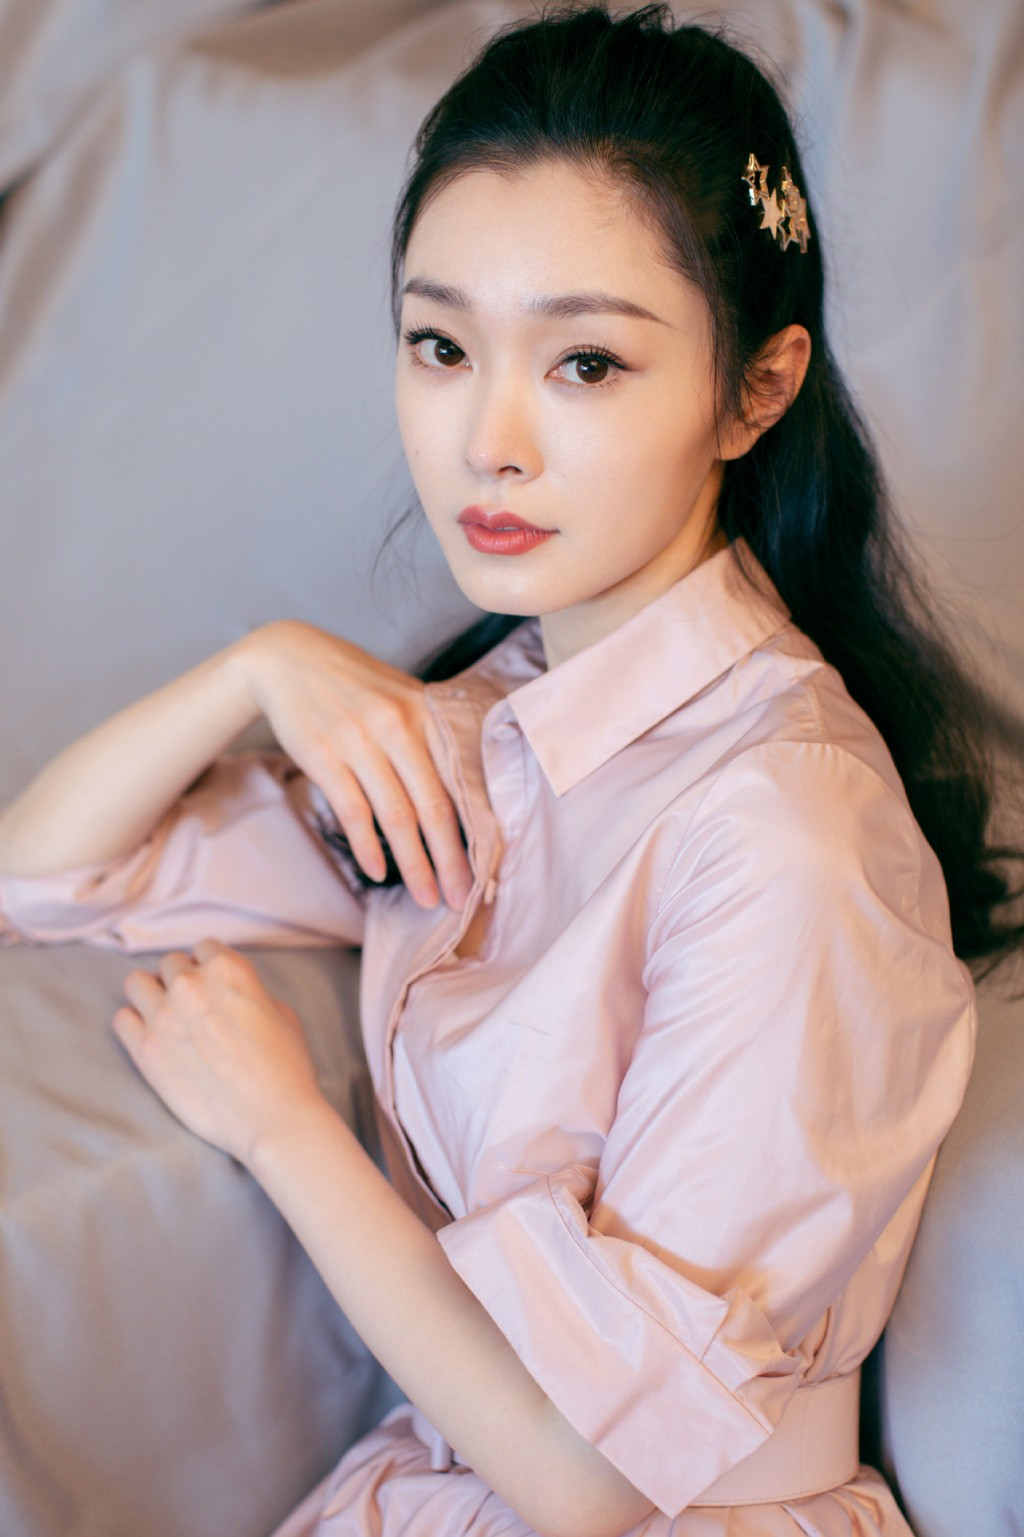 """<b>她是公认的""""旗袍美女"""",换上粉色衬衫裙,清纯减龄像换了个人</b>"""